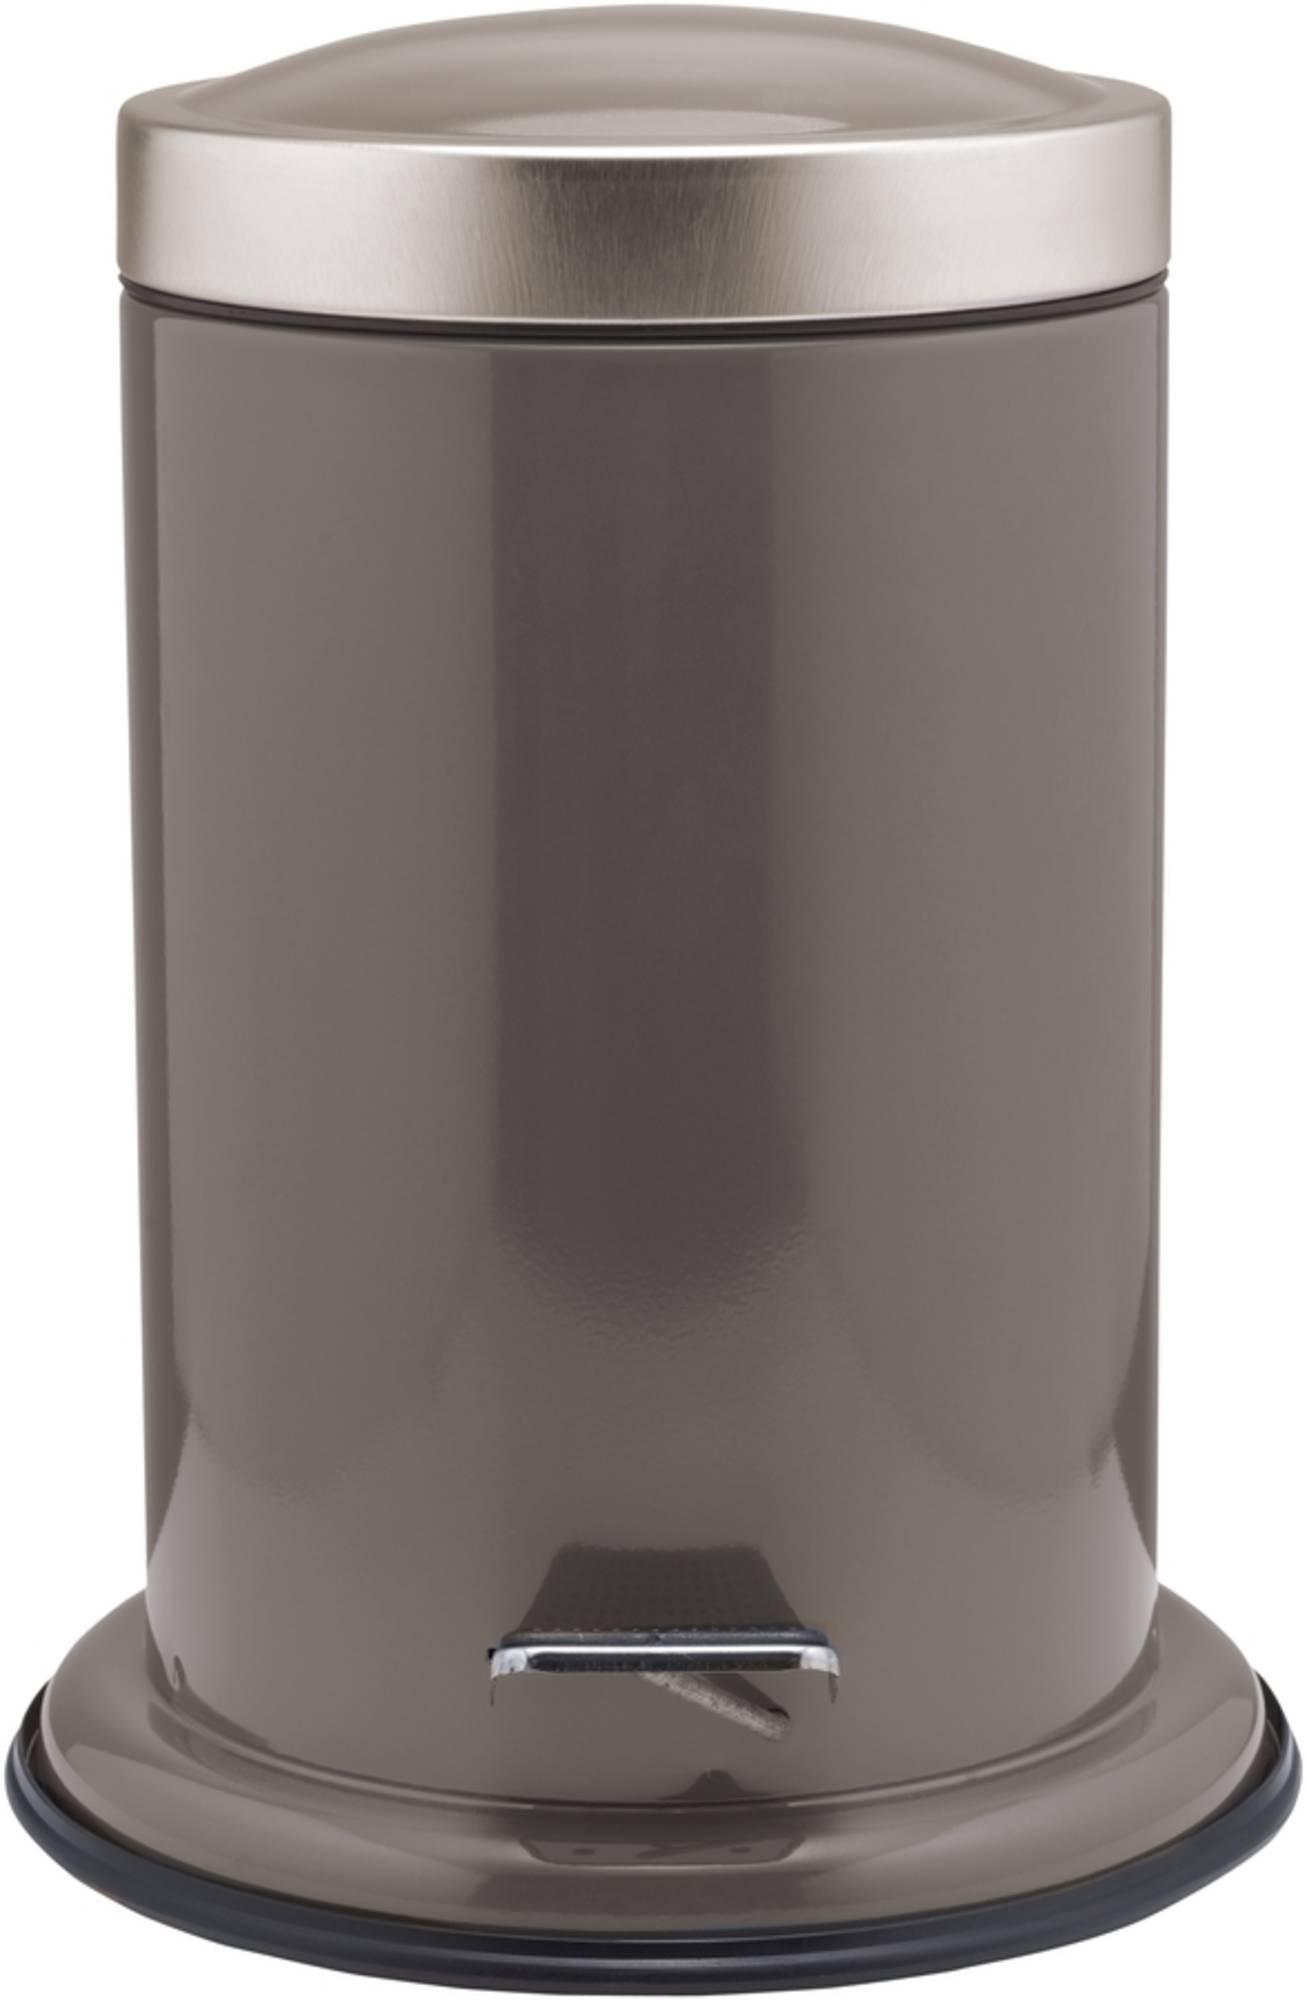 Sealskin pedaalemmer Acero 3 liter